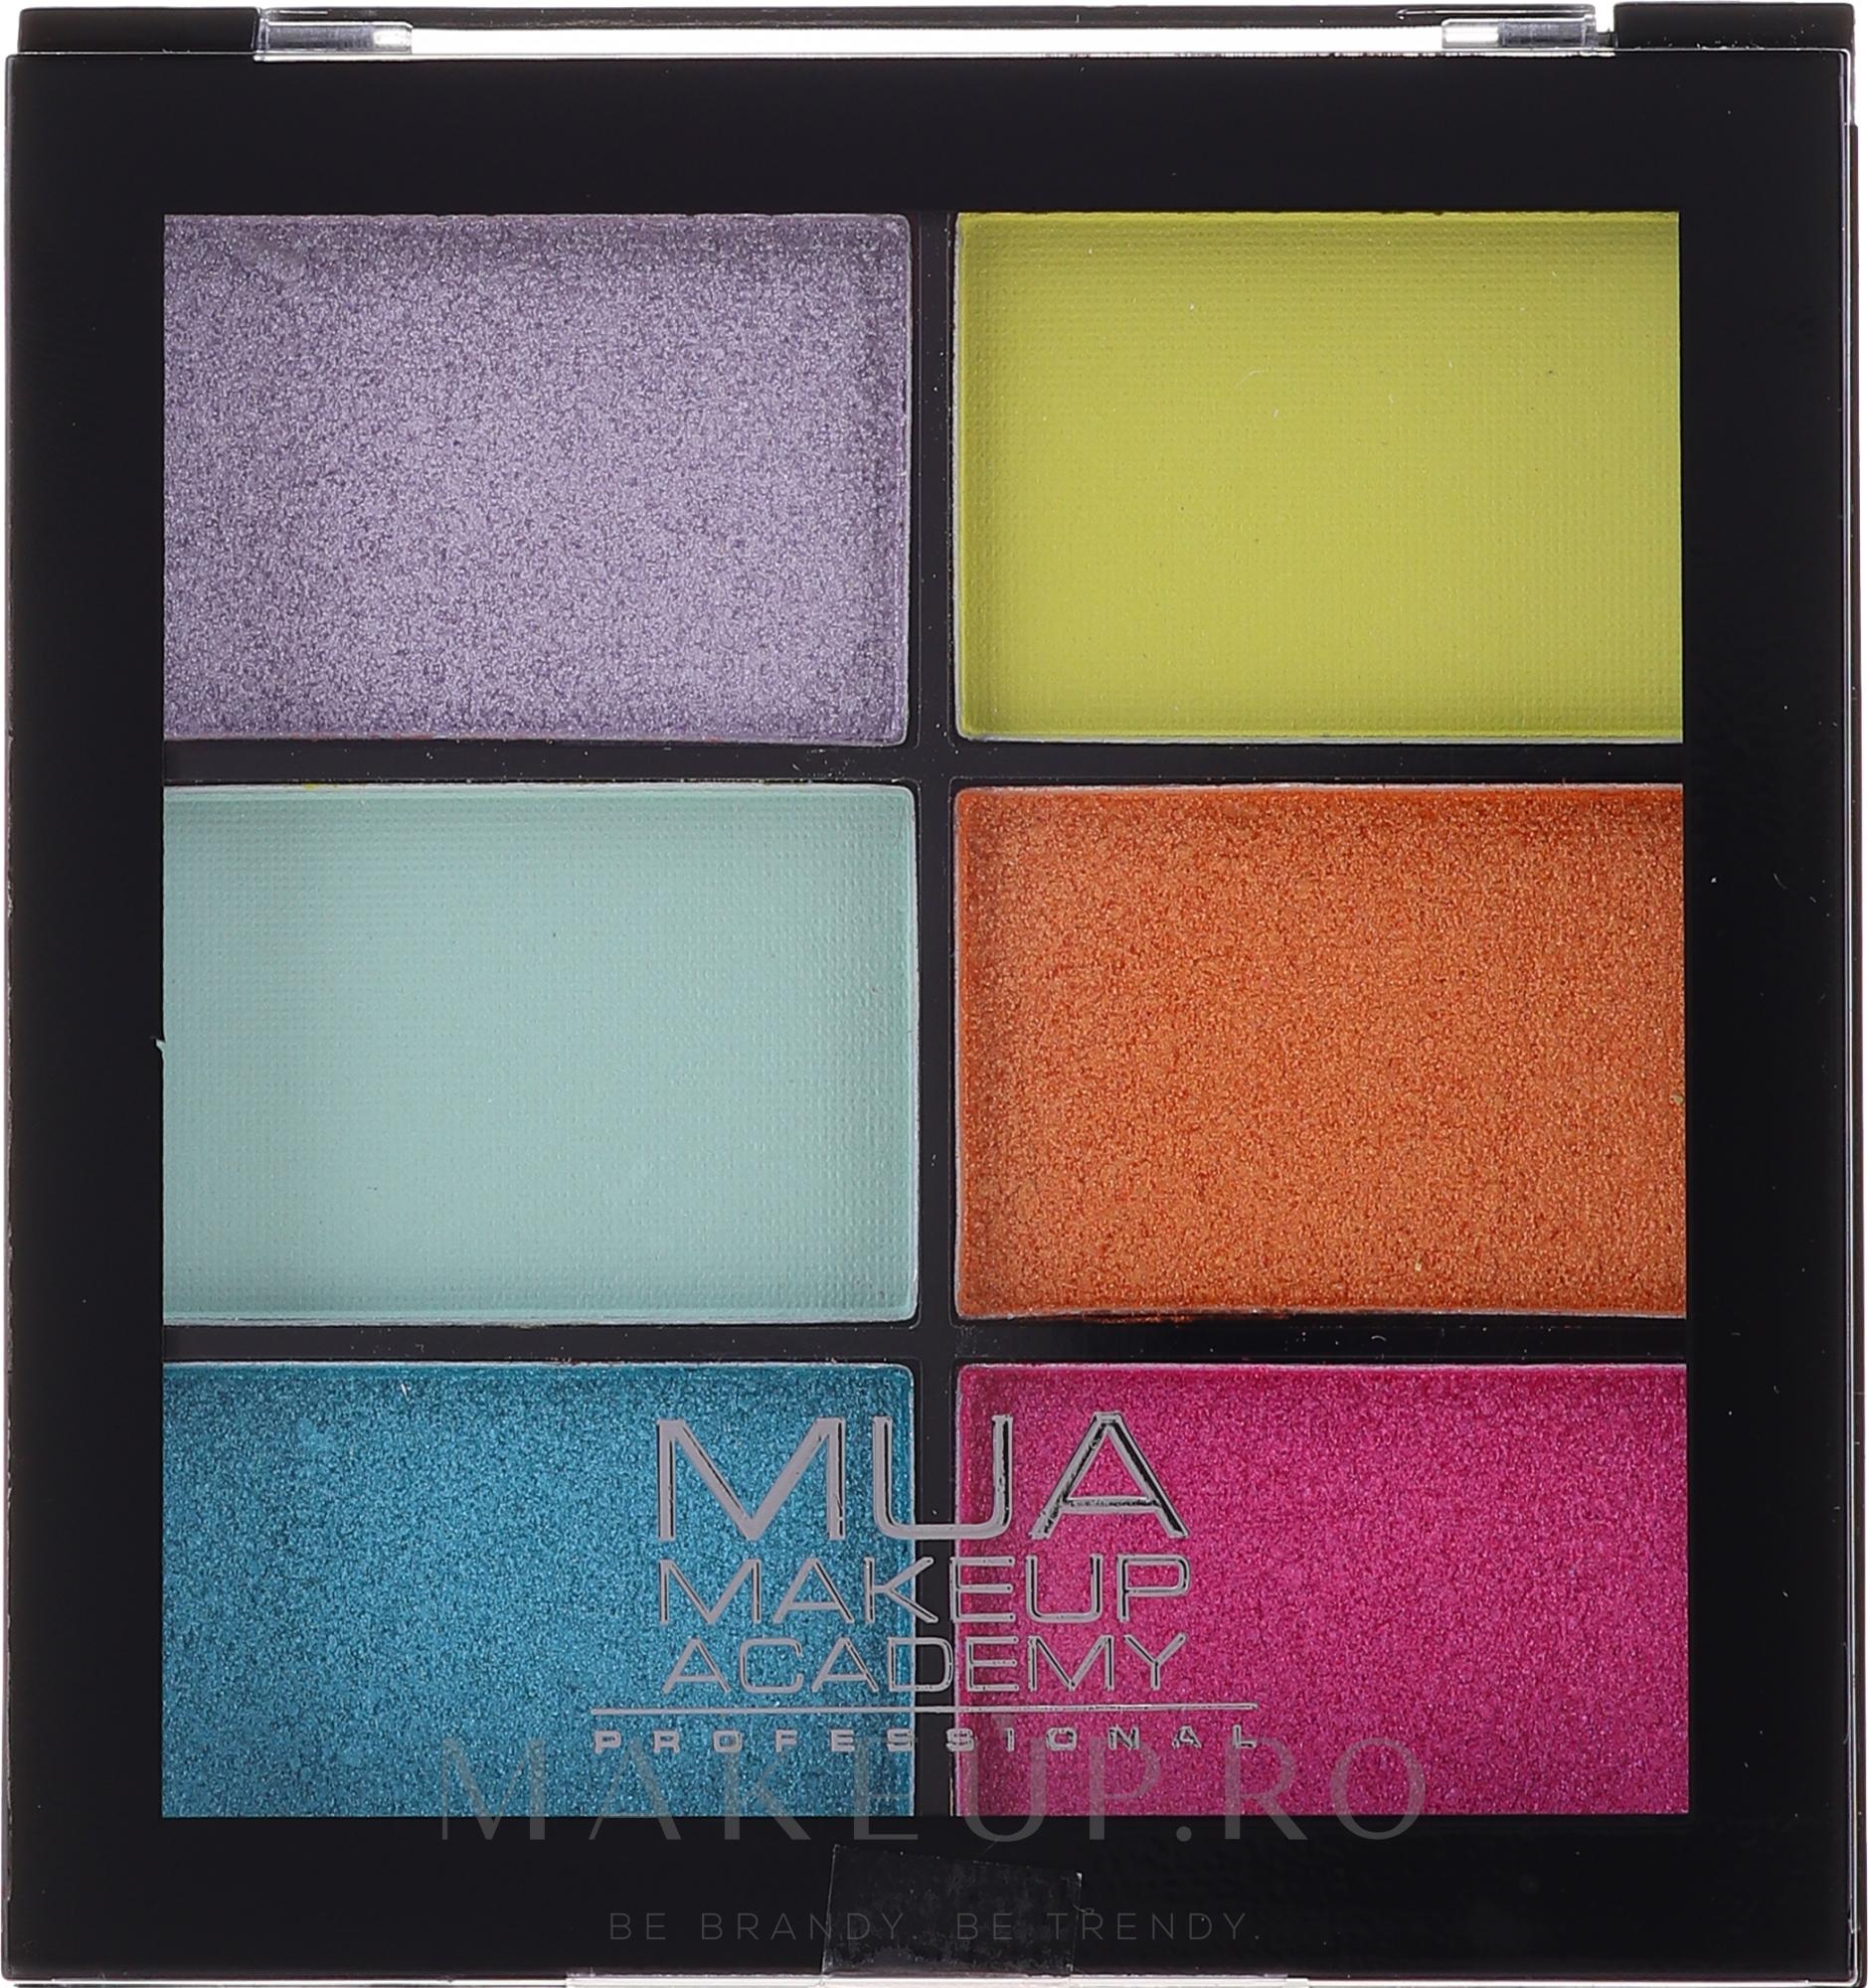 Paletă farduri de ochi - MUA Makeup Academy Professional 6 Shade Palette — Imagine Bright Lustre